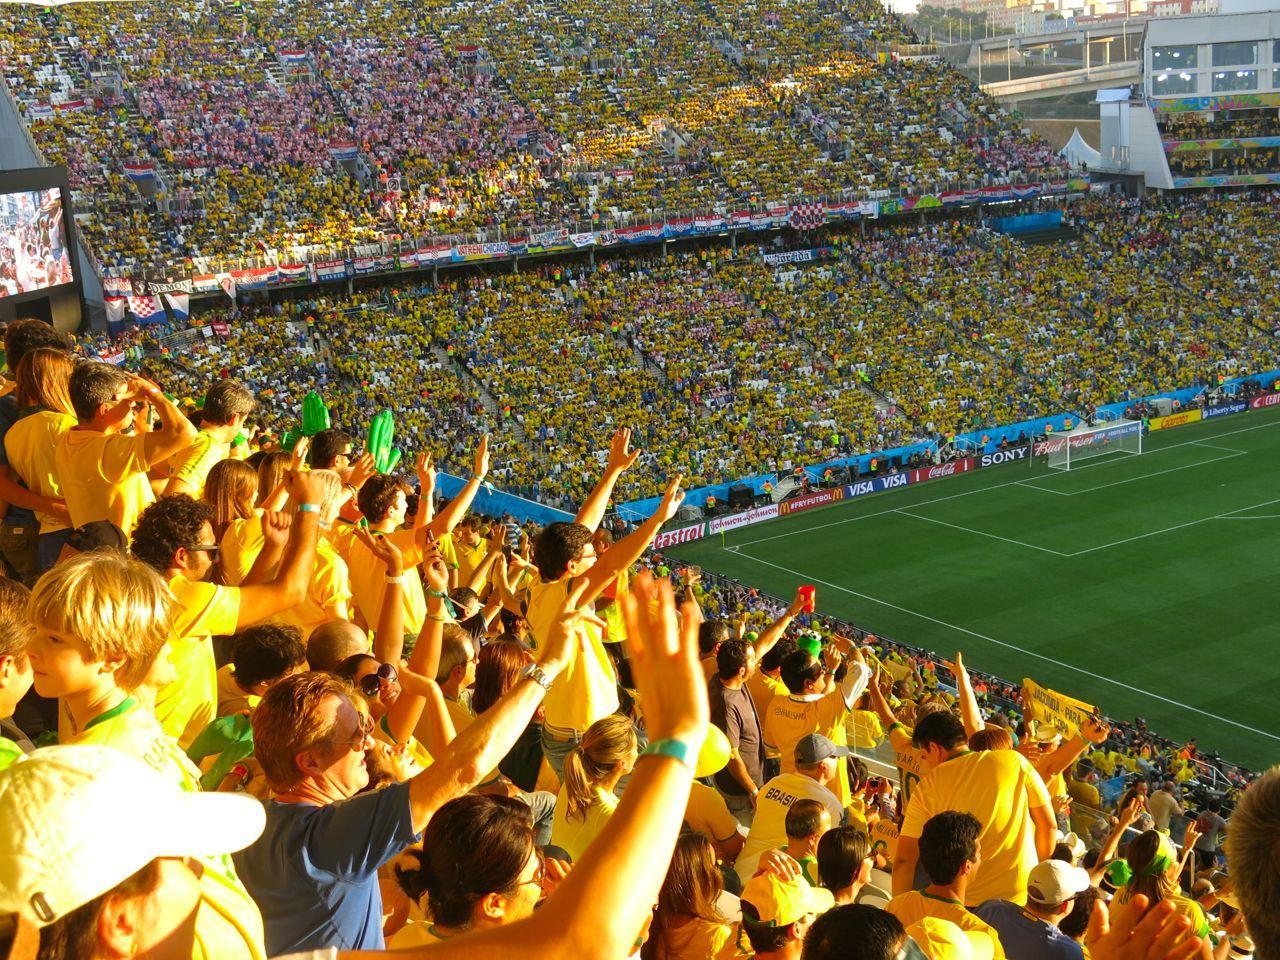 O Jogo De Abertura Da Copa Do Mundo 2014 Brasil X Croacia Carioca Dna Cariocadna Worldcup2014 Copa2014 Brasil2 Copa Do Mundo Copa Do Mundo 2014 Croacia